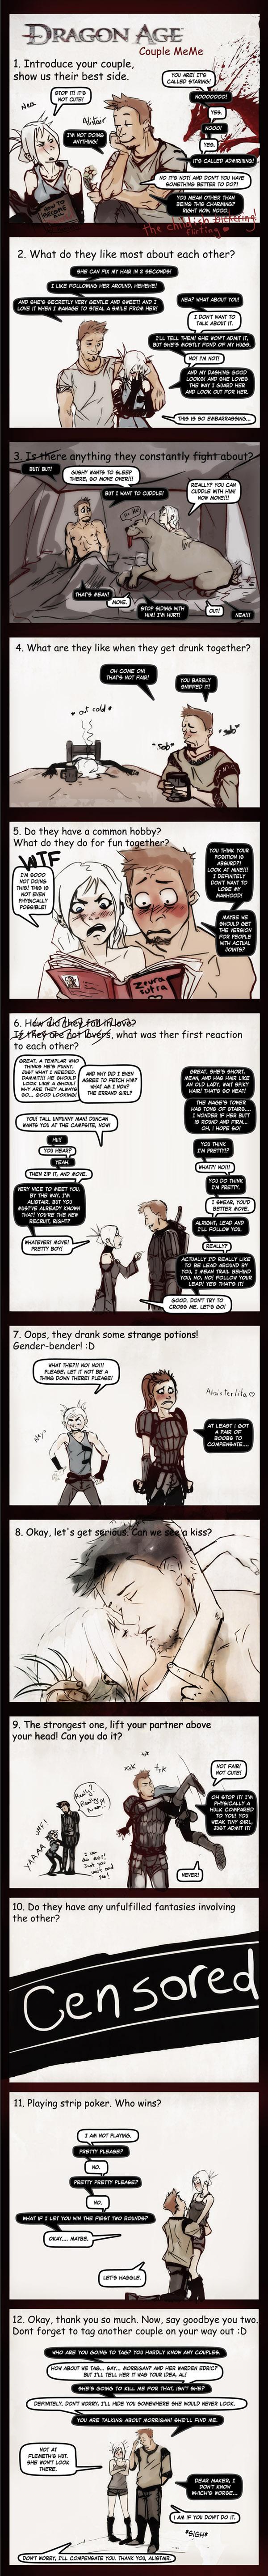 Dragon Age Couple Meme by chakhabit